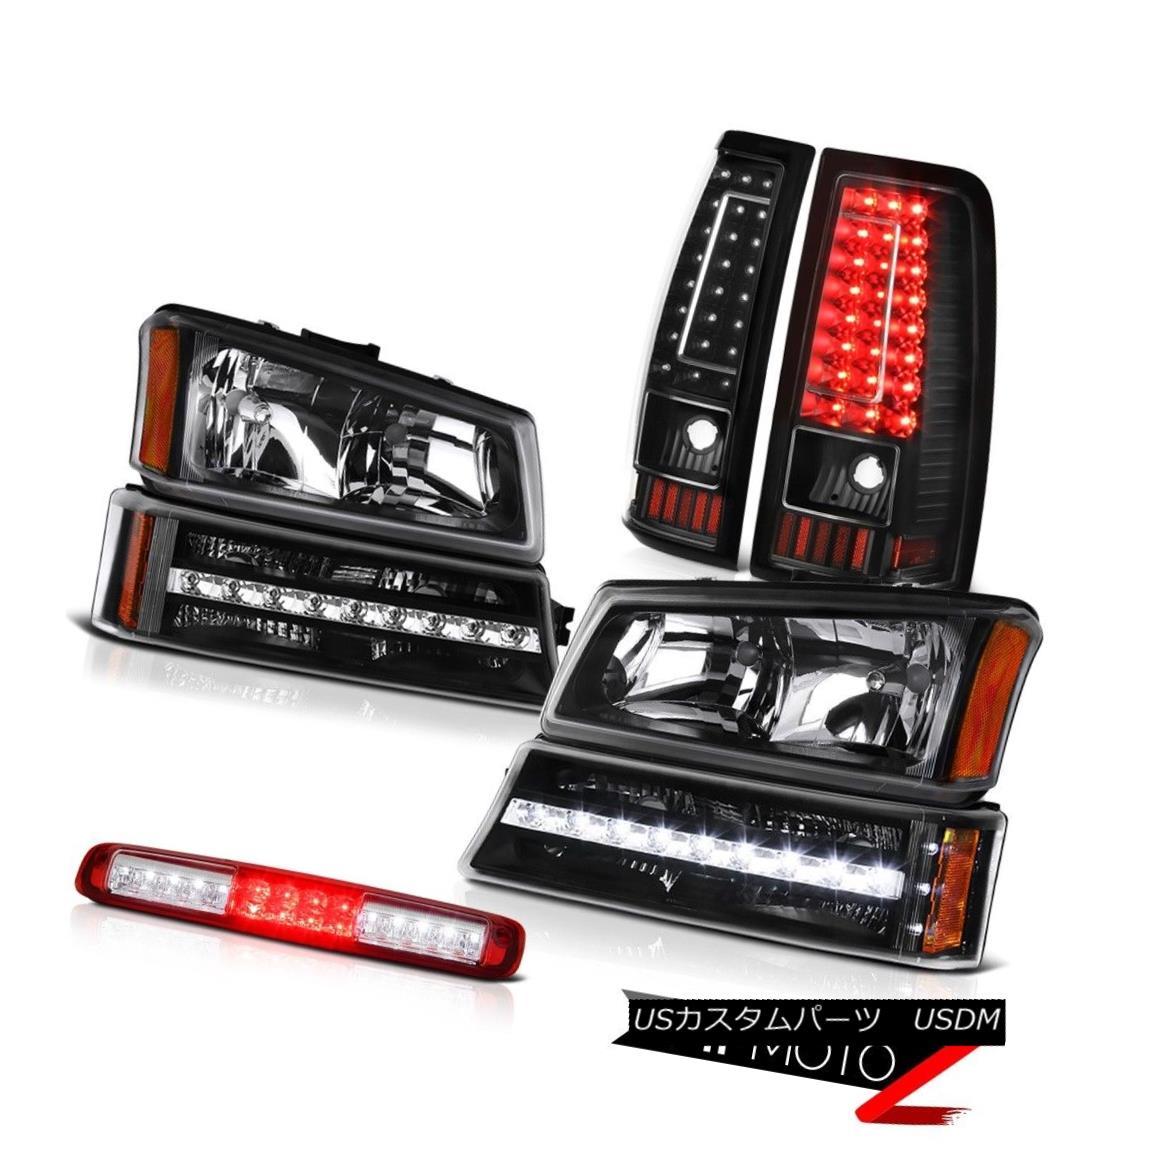 テールライト 03-06 Chevy Silverado 1500 High Stop Light Black Tail Lamps Parking Headlamps 03-06 Chevy Silverado 1500ハイストップライトブラックテールランプパーキングヘッドランプ